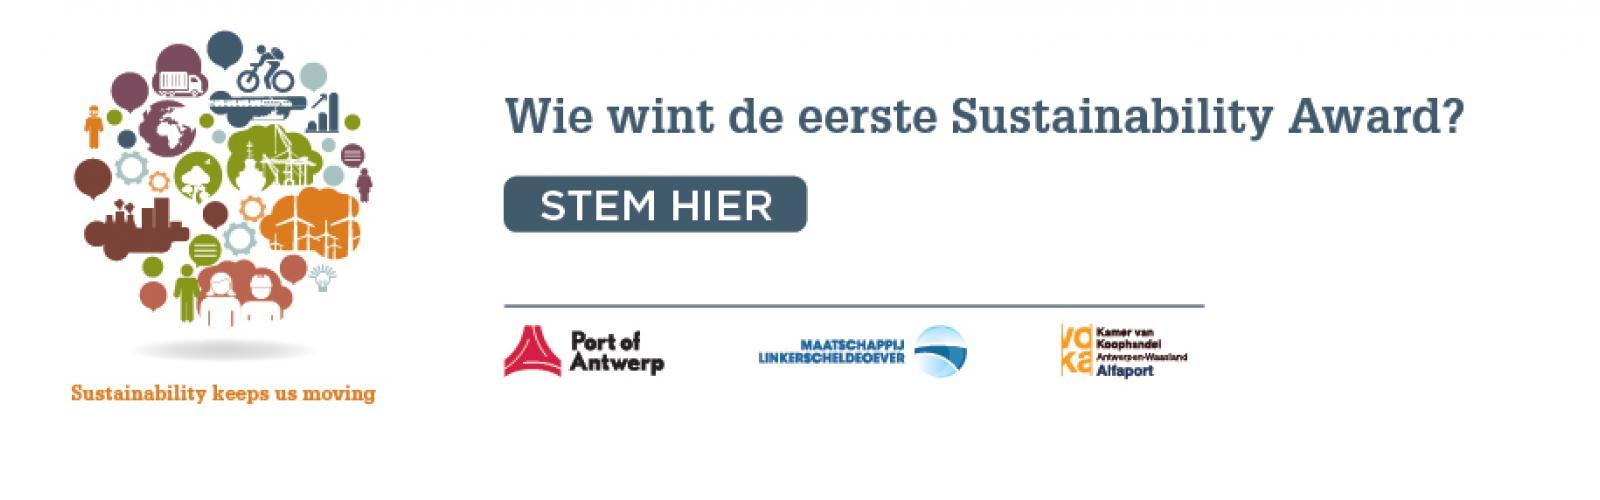 Sustainability Award haven van Antwerpen